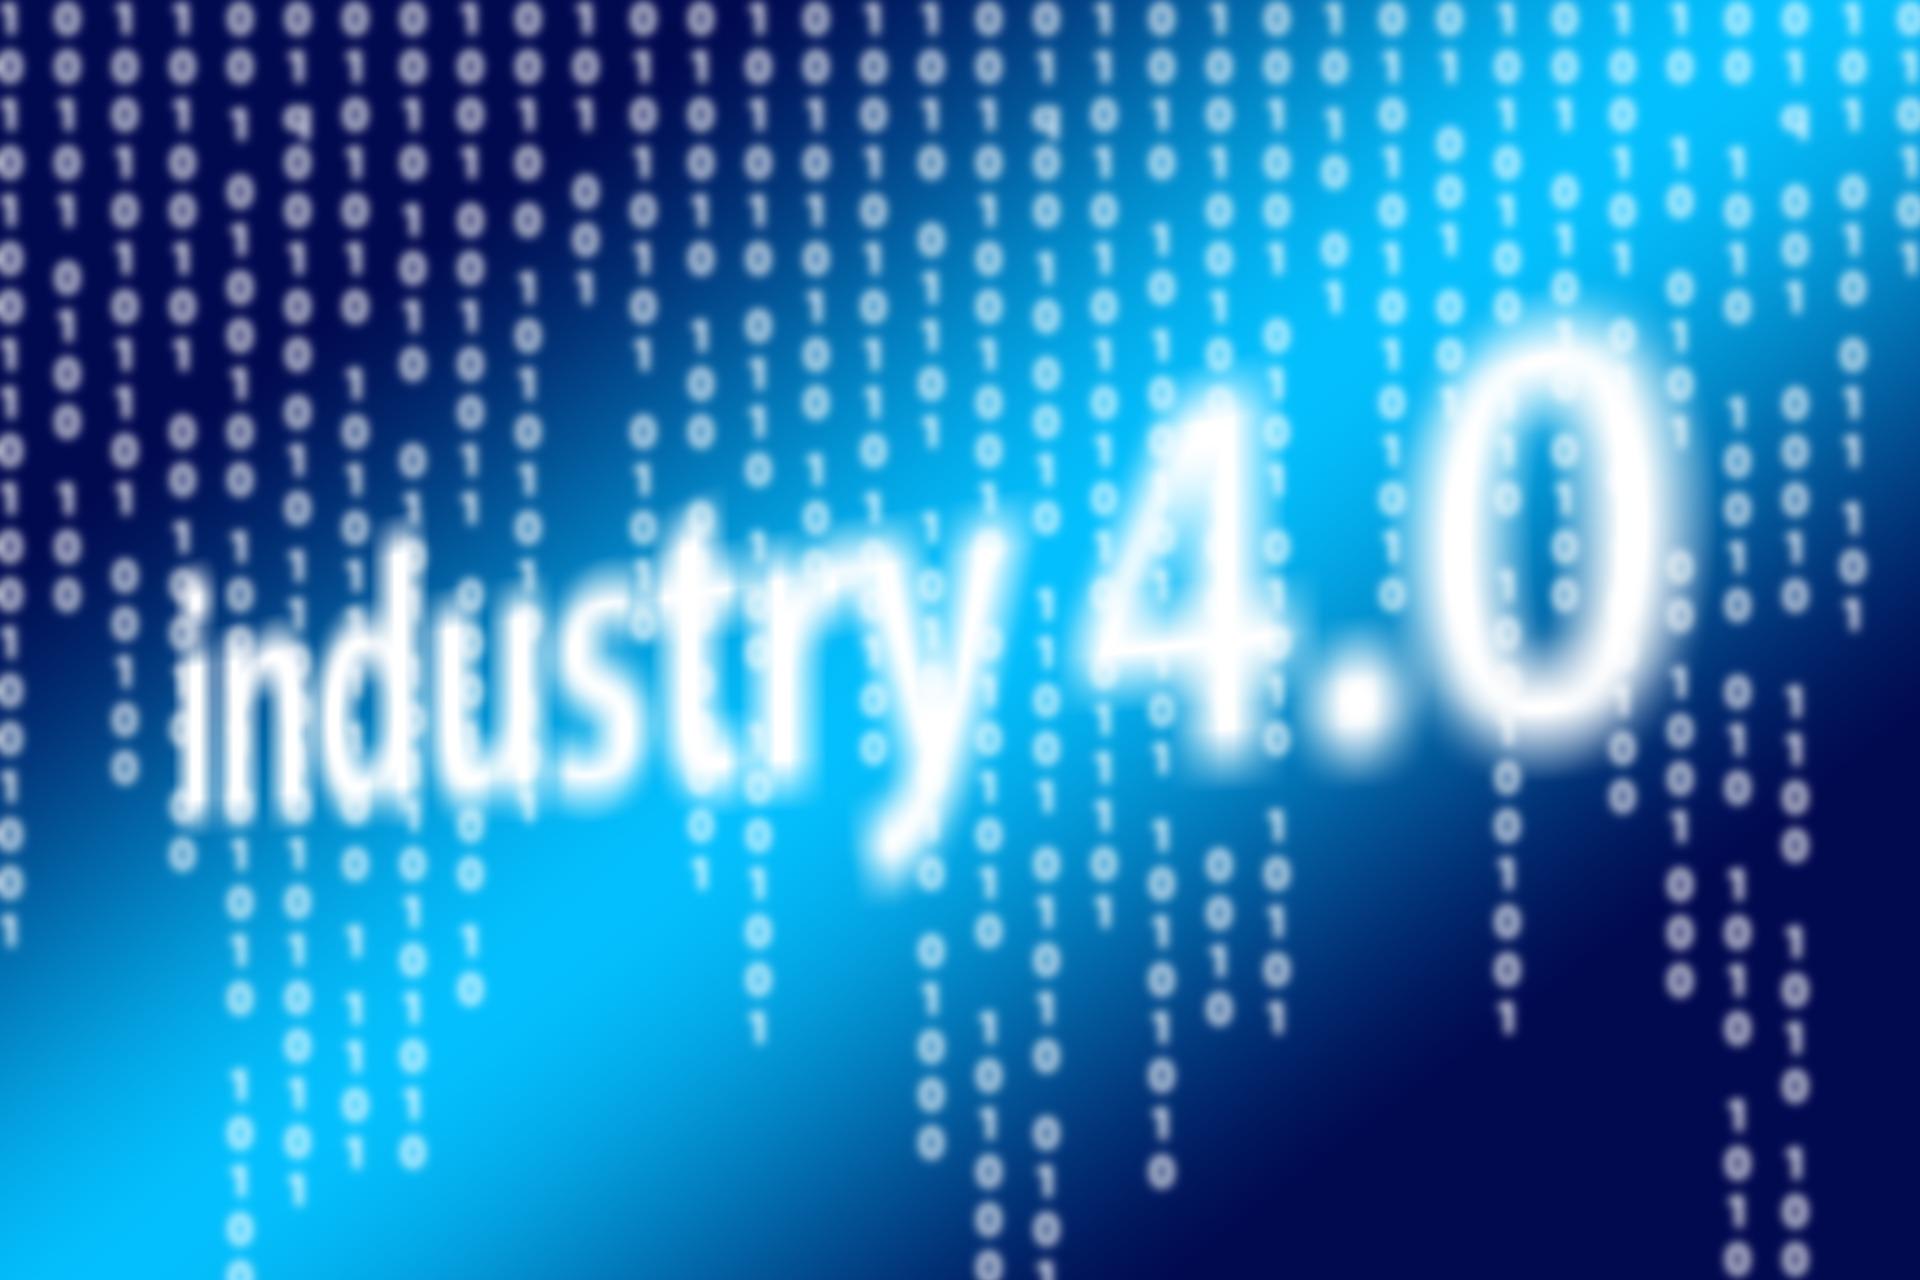 Industria 4.0 plus per rilanciare il paese